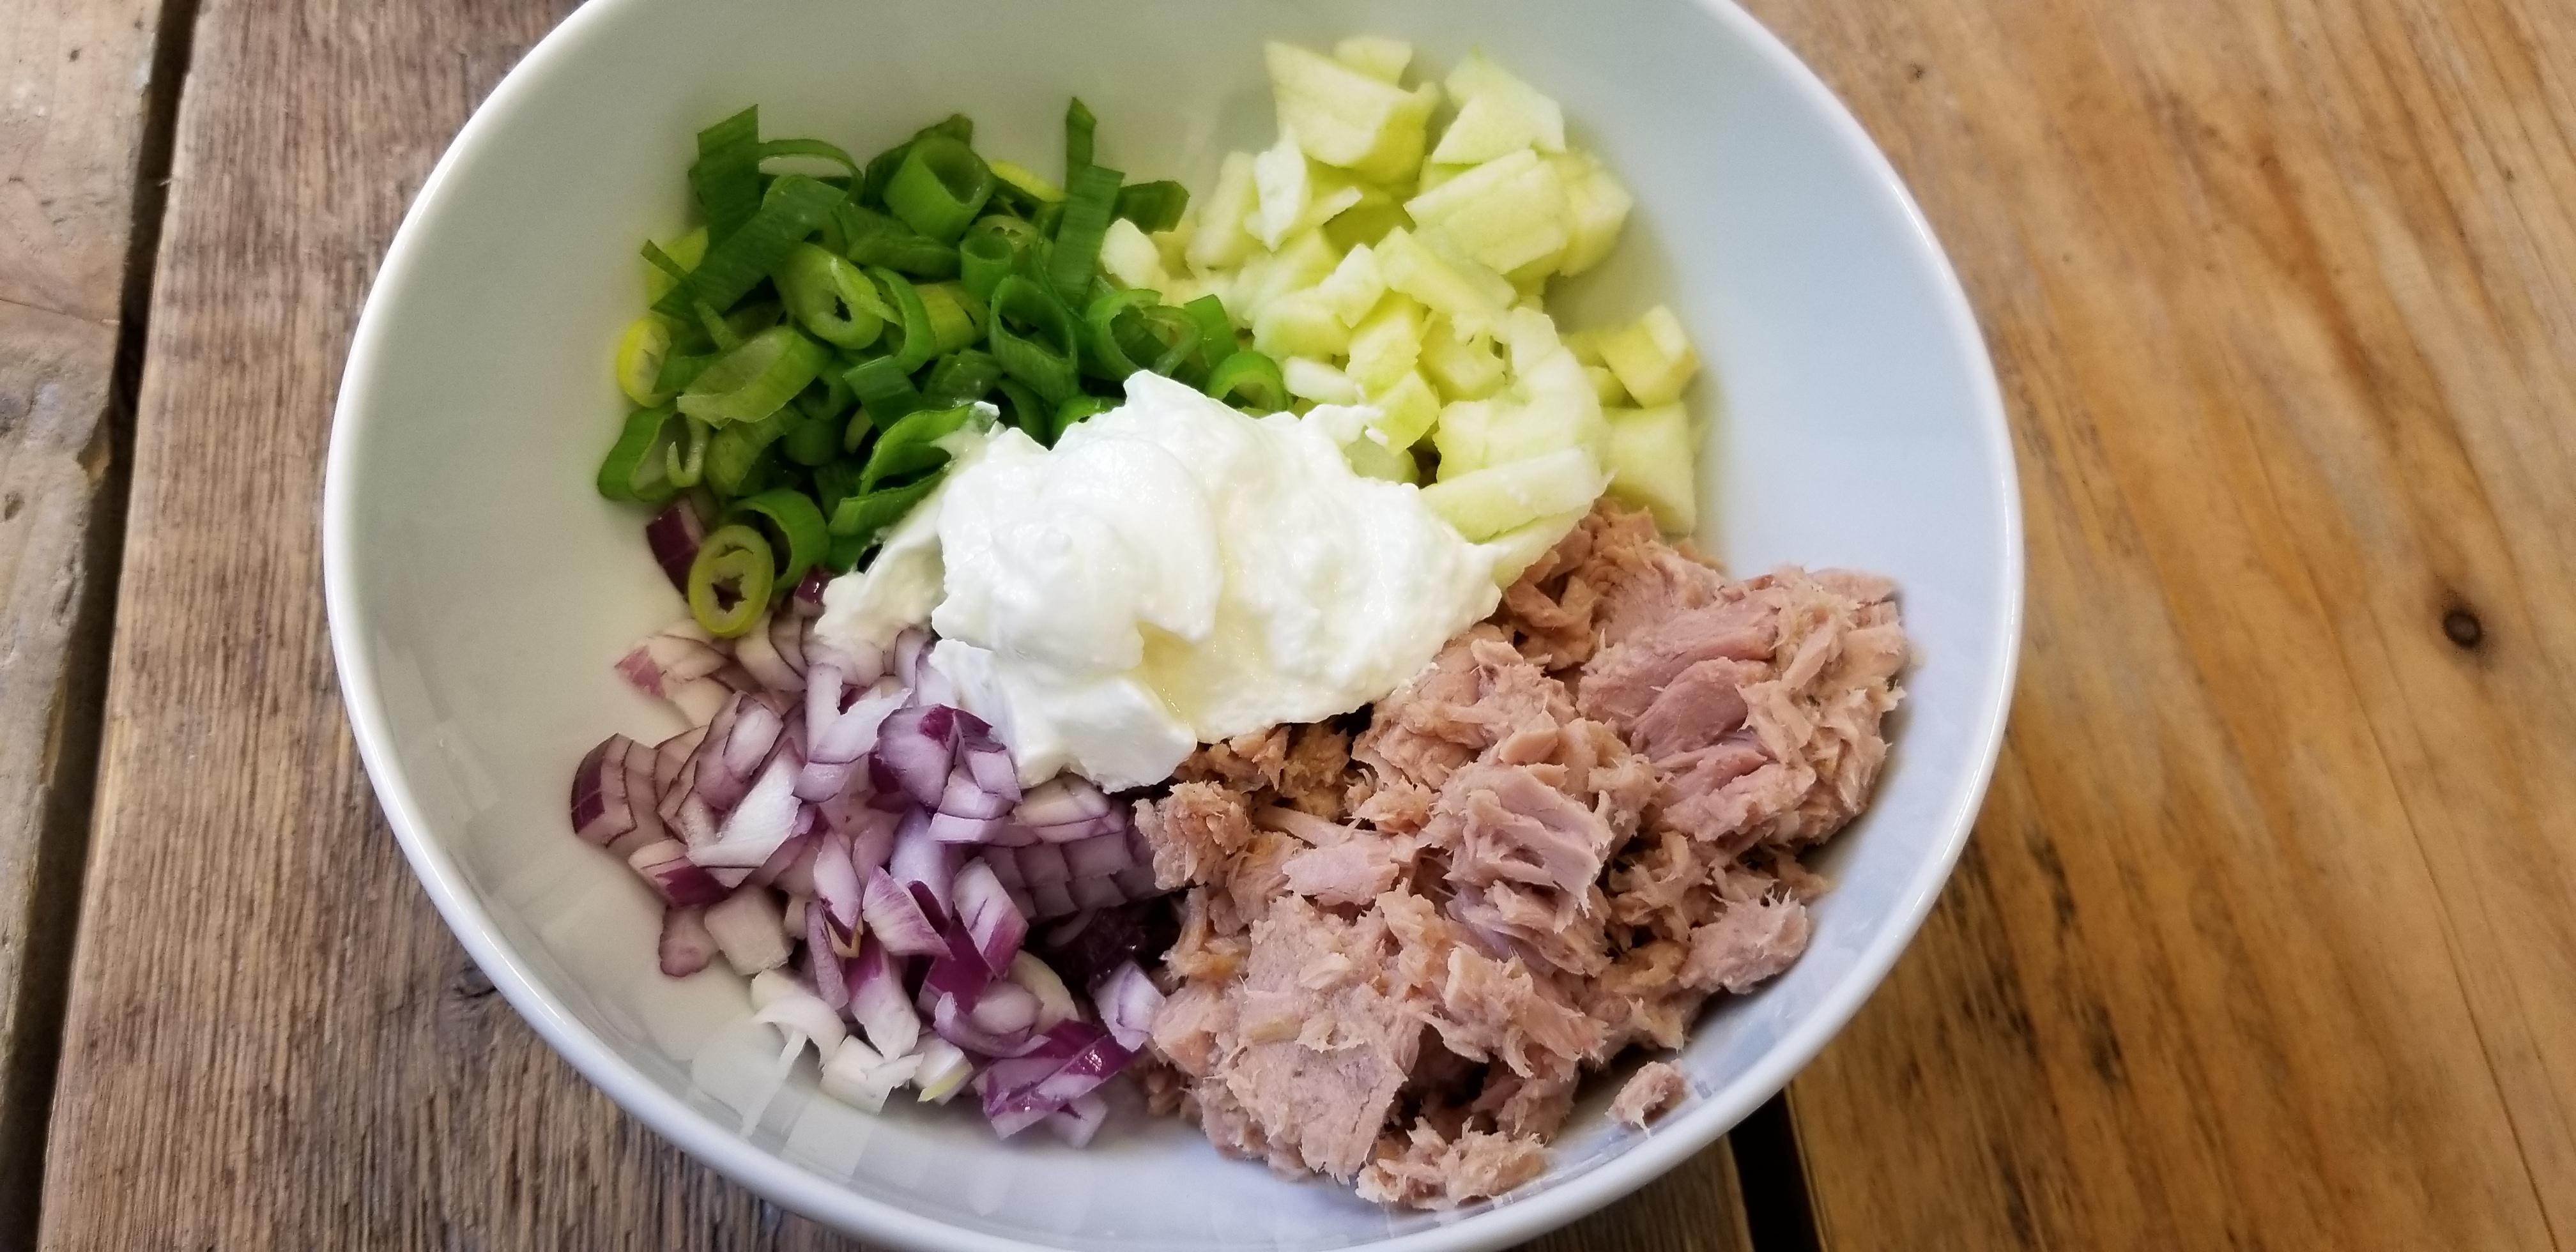 tonijnsalade met appel foto